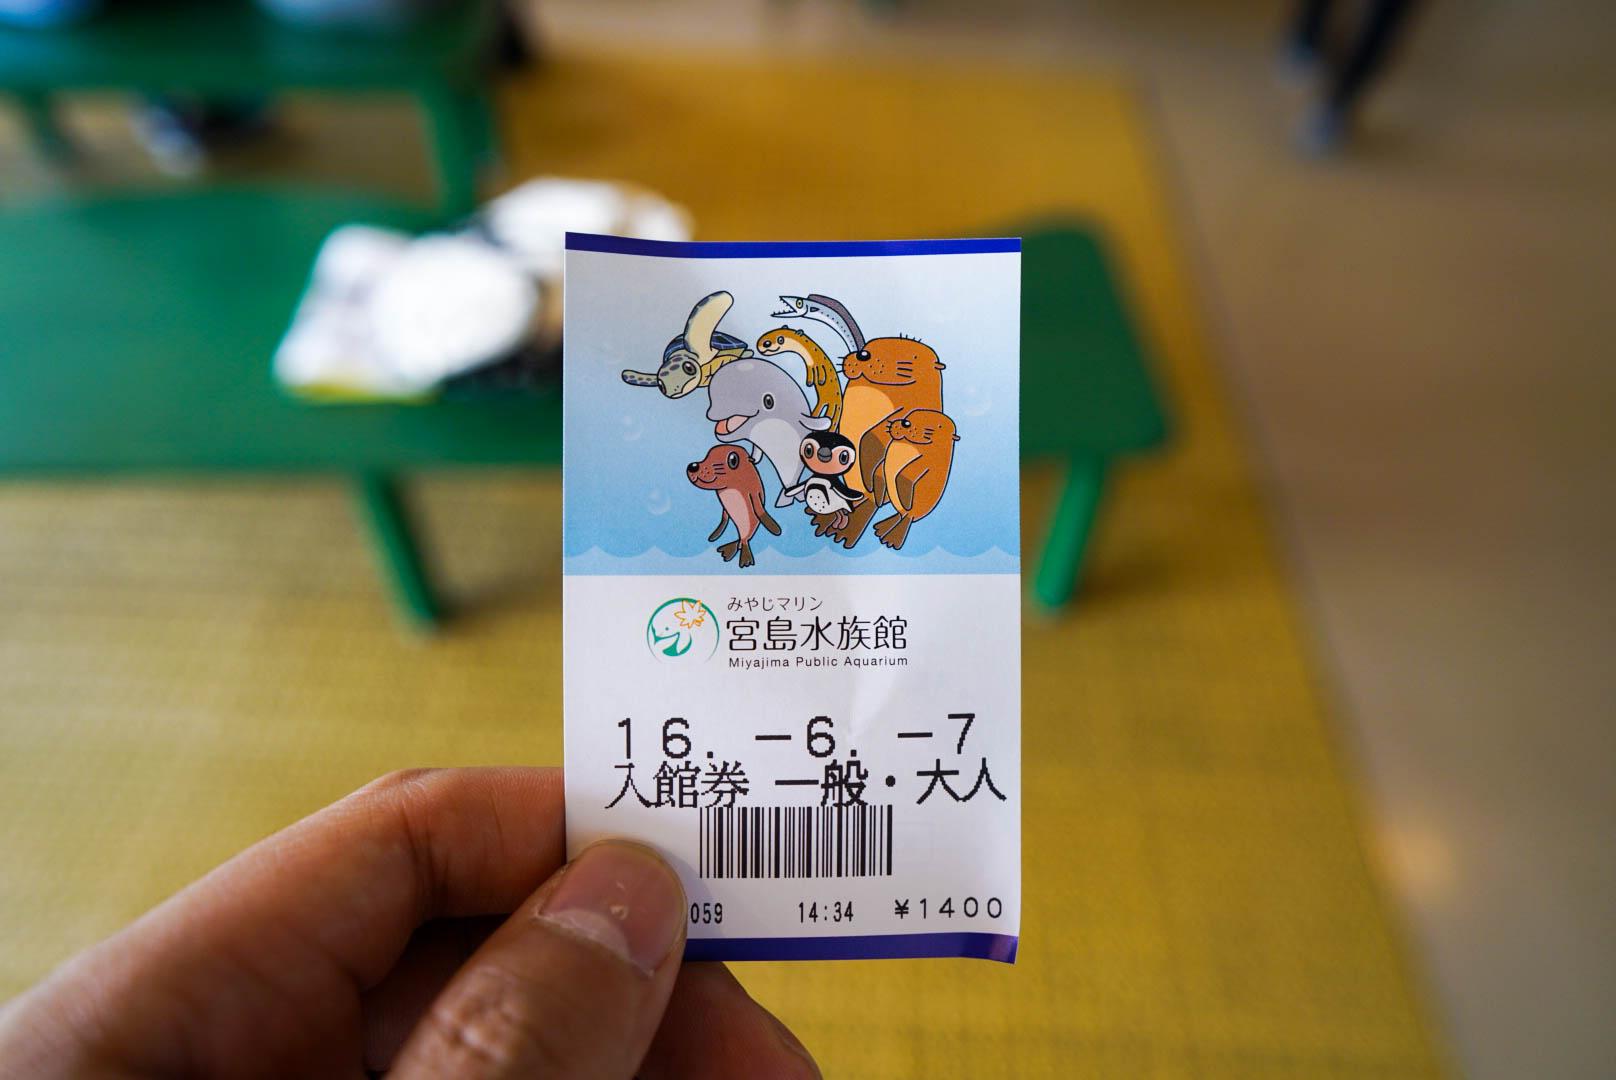 チケットもかわいいデザイン。